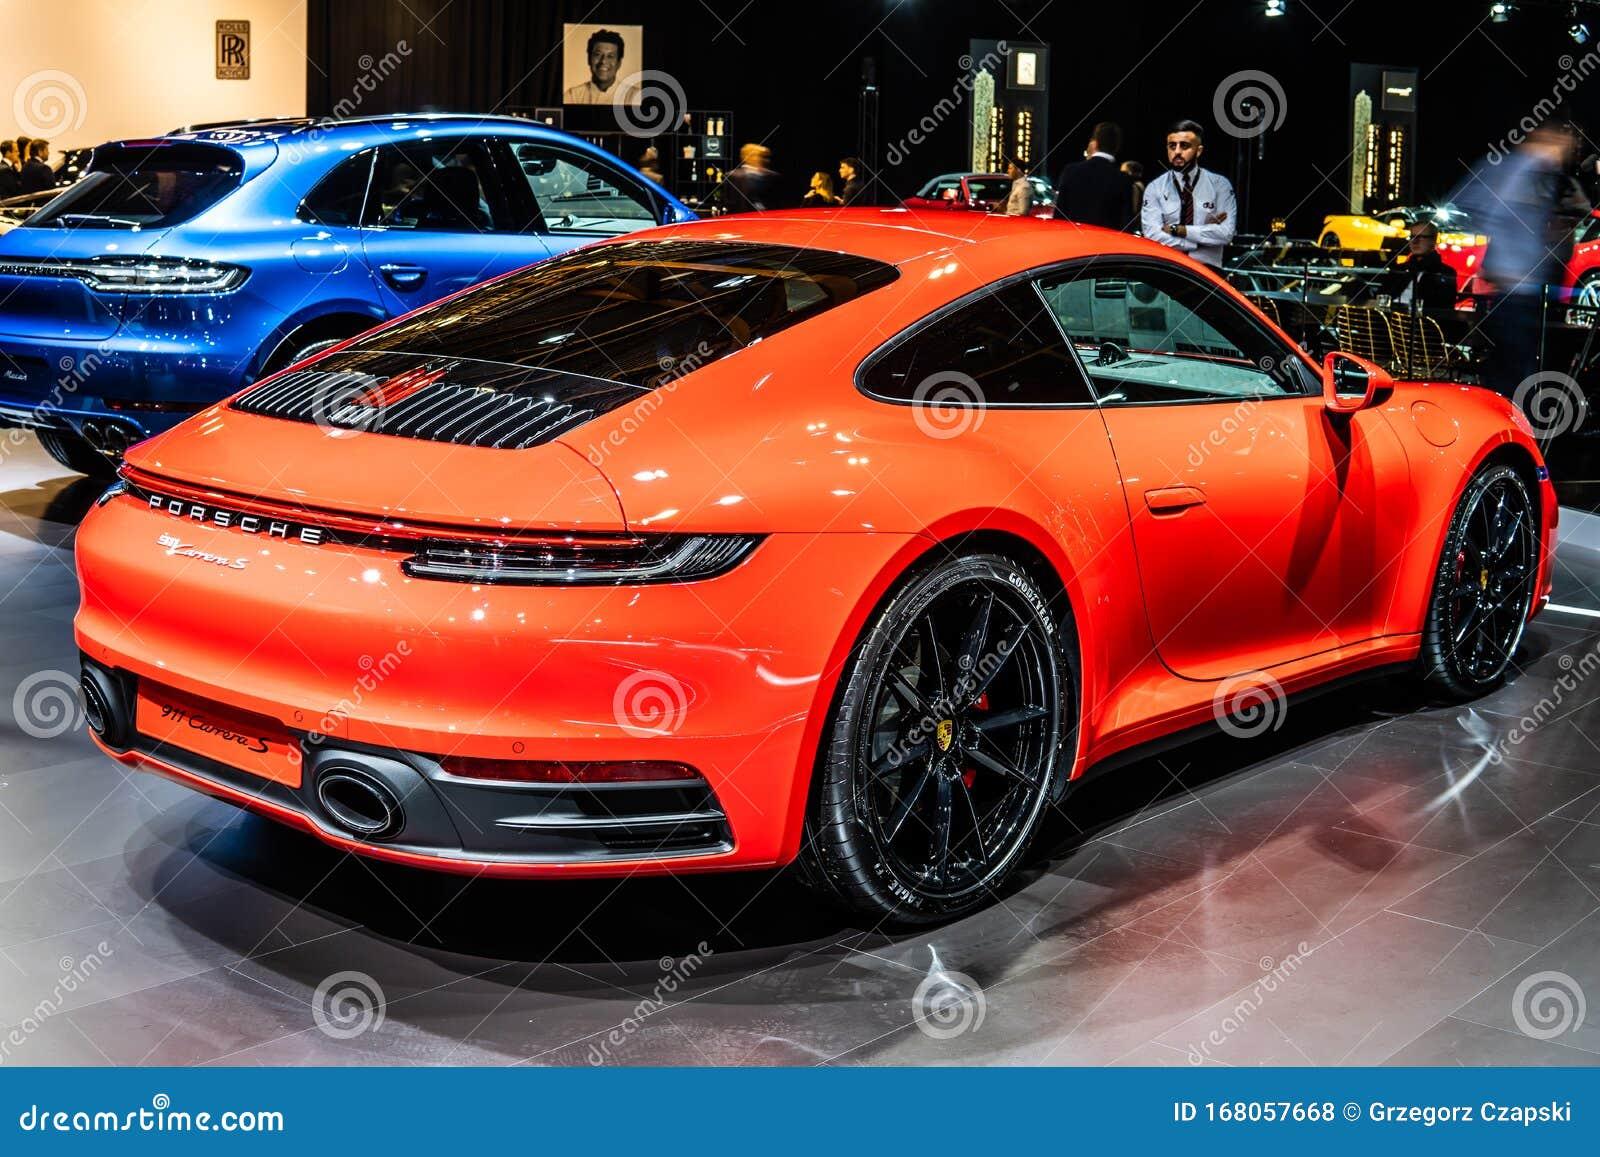 Porsche Vermelho 911 Carrera S Fotos Fotos De Stock Gratuitas E Fotos Royalty Free Dreamstime